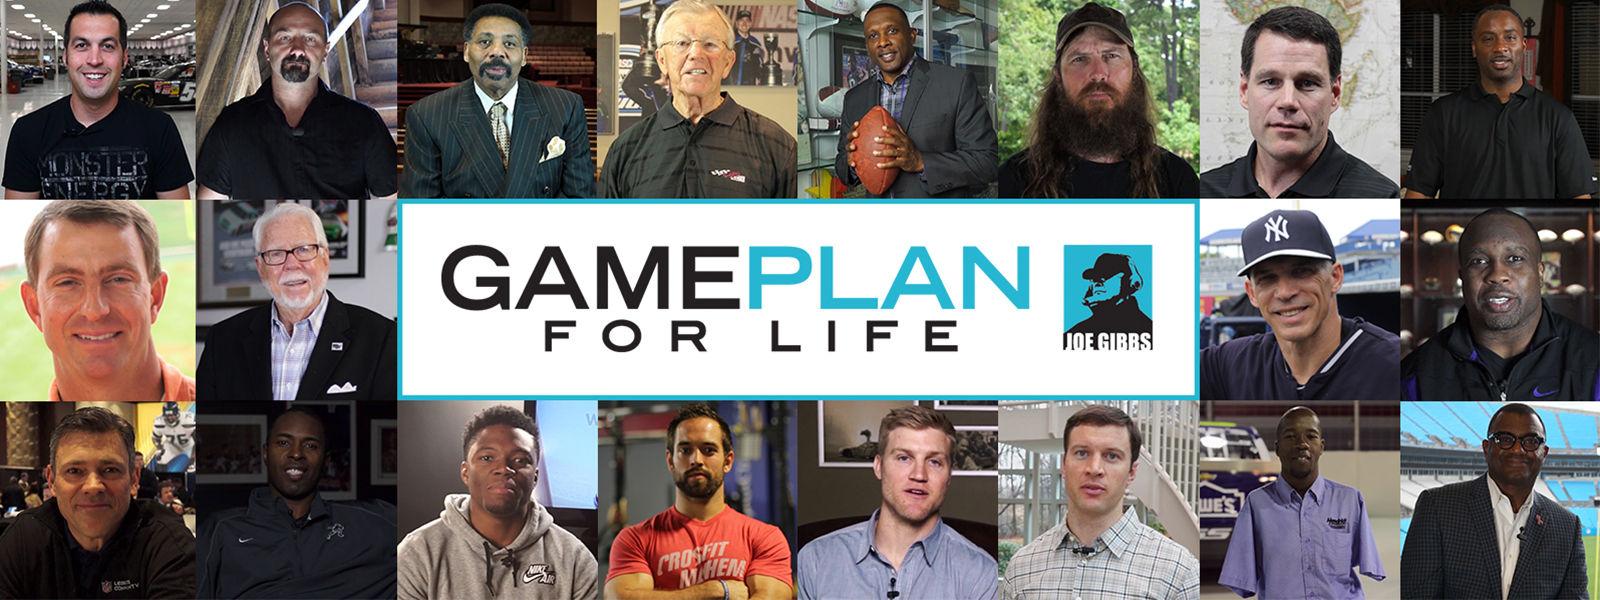 Game Plan for Life: Average Joe